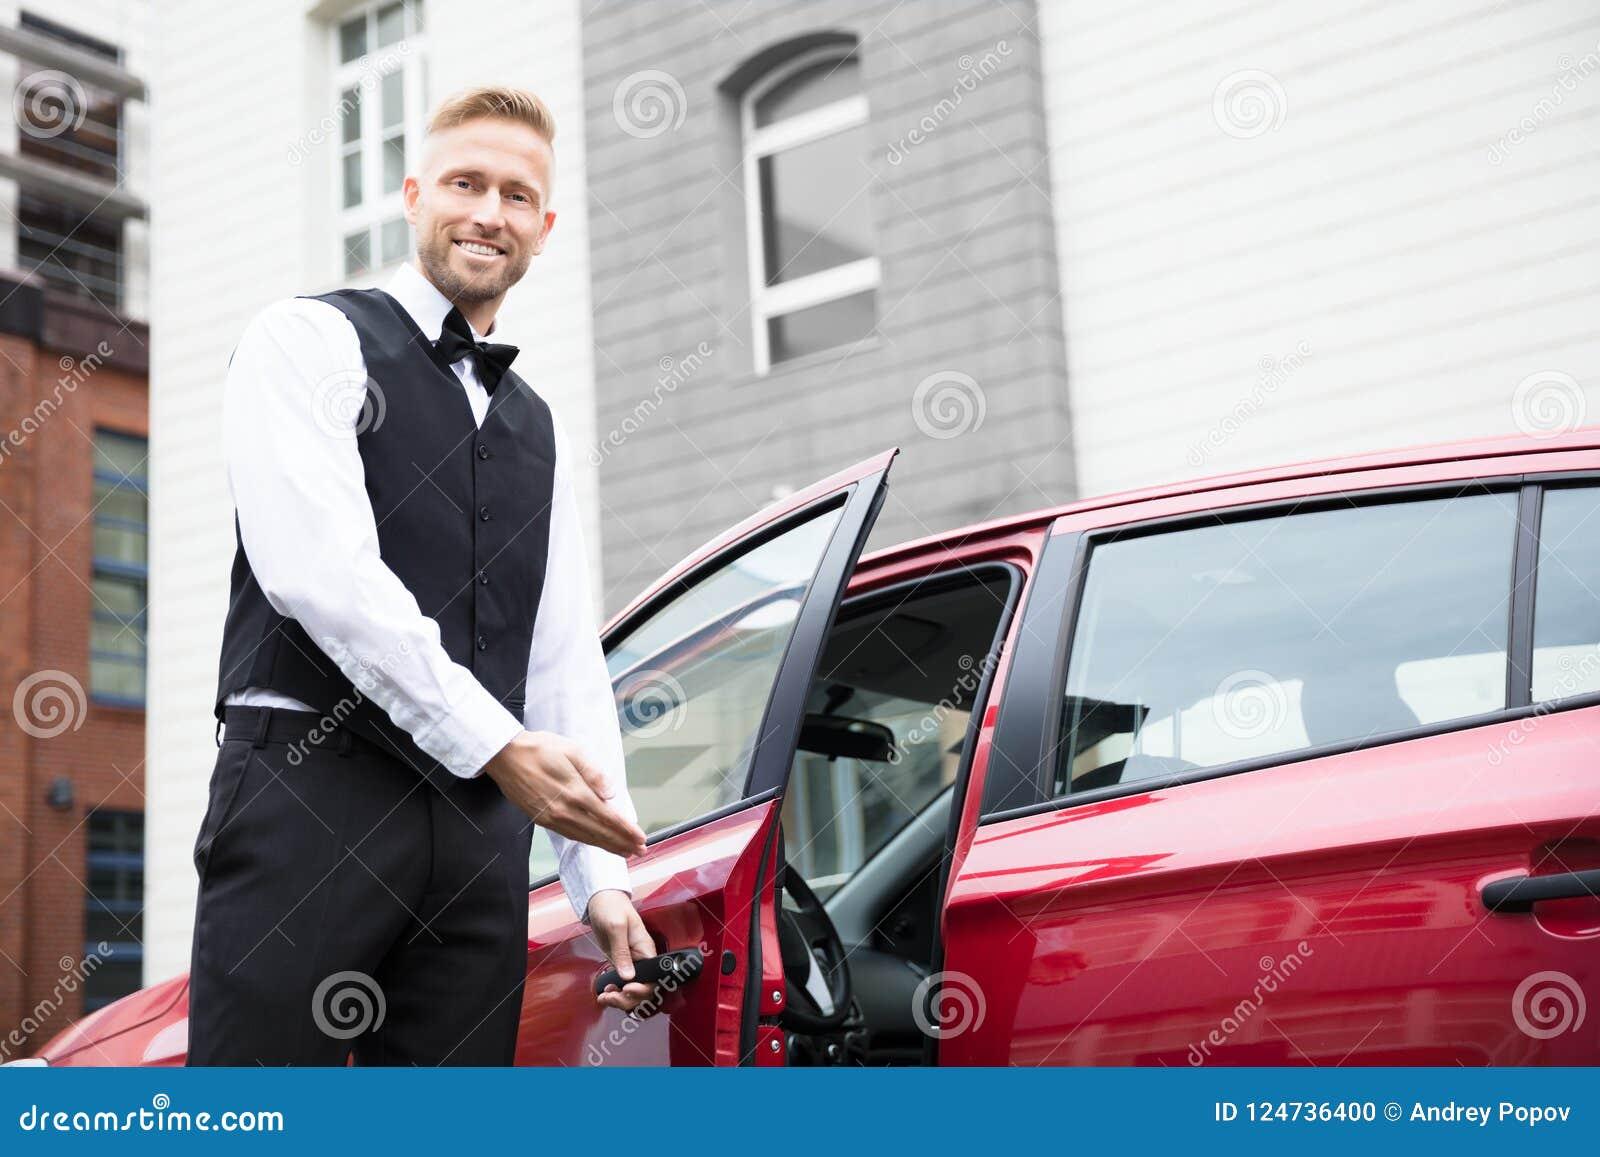 Mannelijke Bediende Opening Car Door